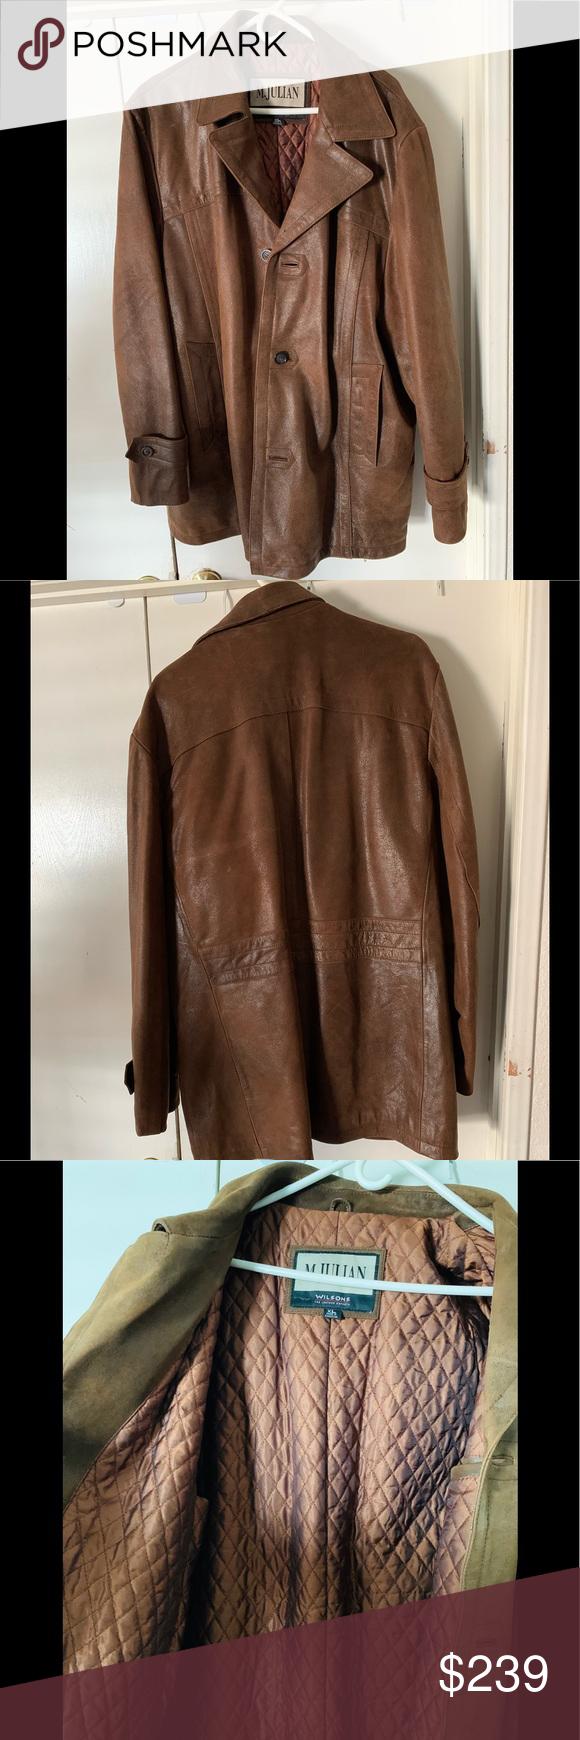 Men's Wilson Car Coat in 2020 Car coat, Wilsons leather